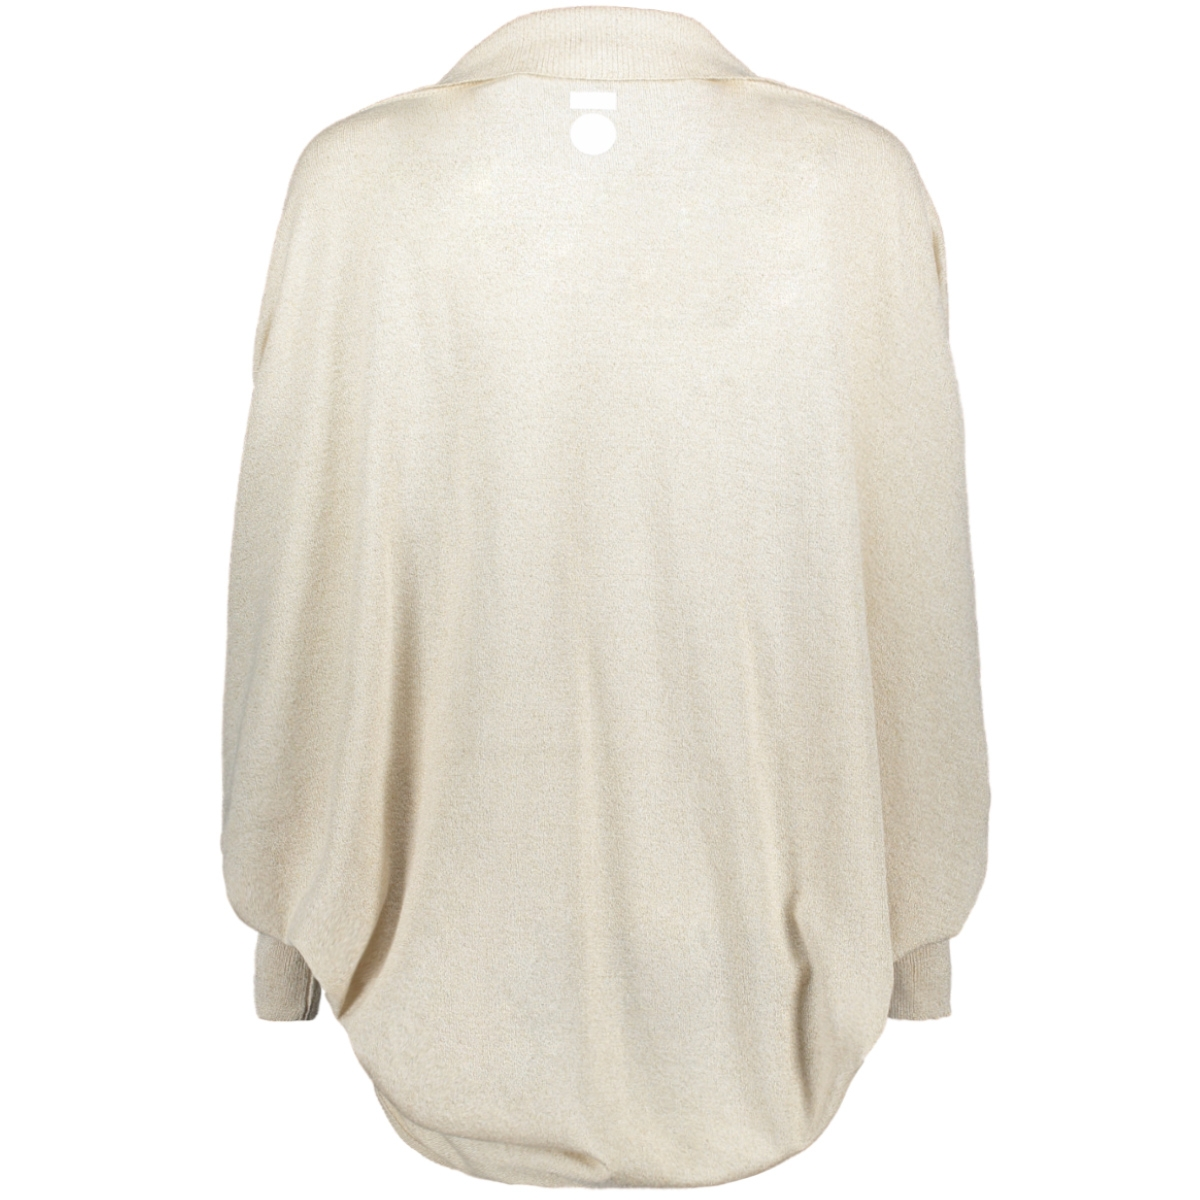 cardigan lurex 20 654 0203 10 days vest 1013 gold